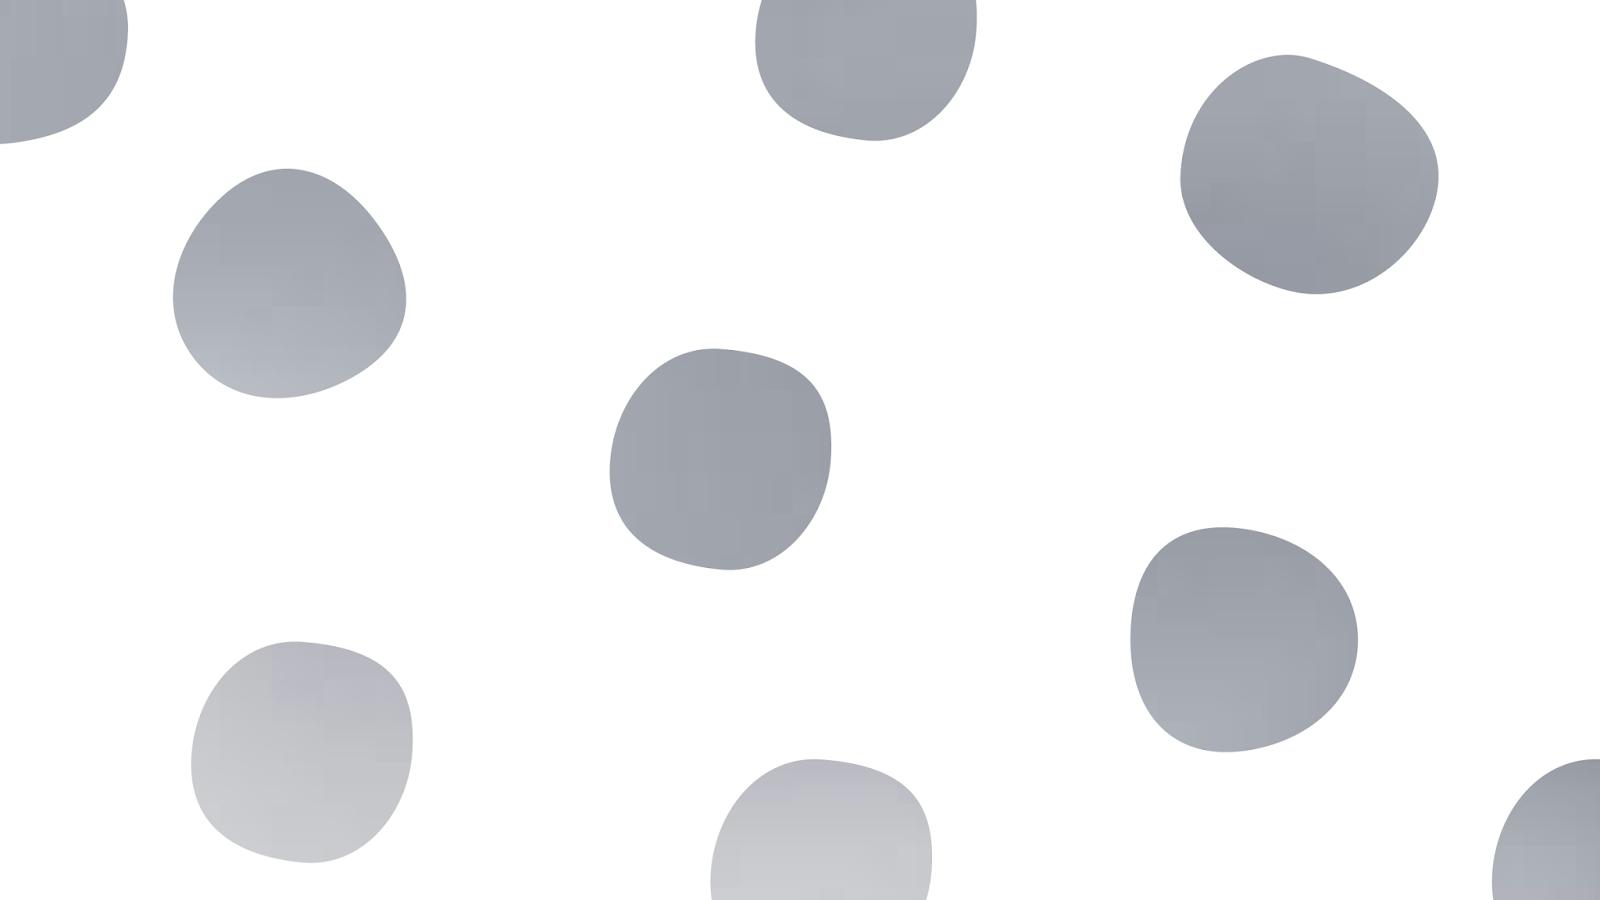 Freebies background polka dot